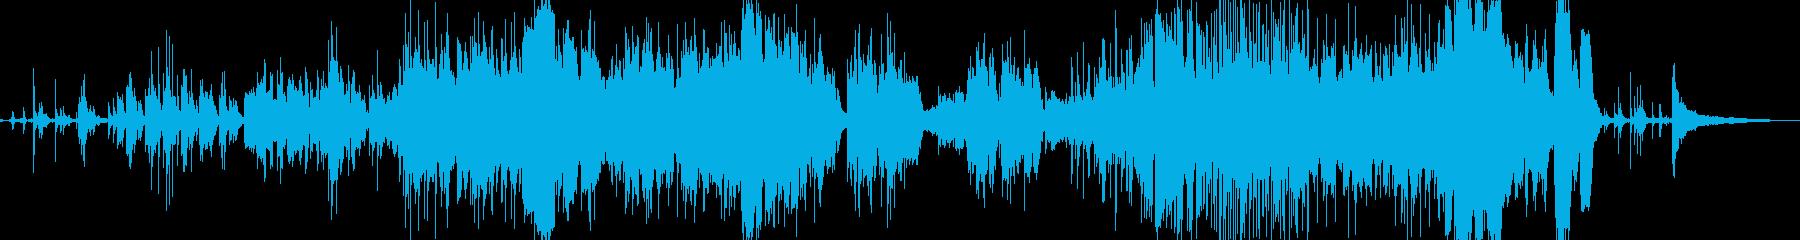 アンビエントコンテンポラリージャズ...の再生済みの波形